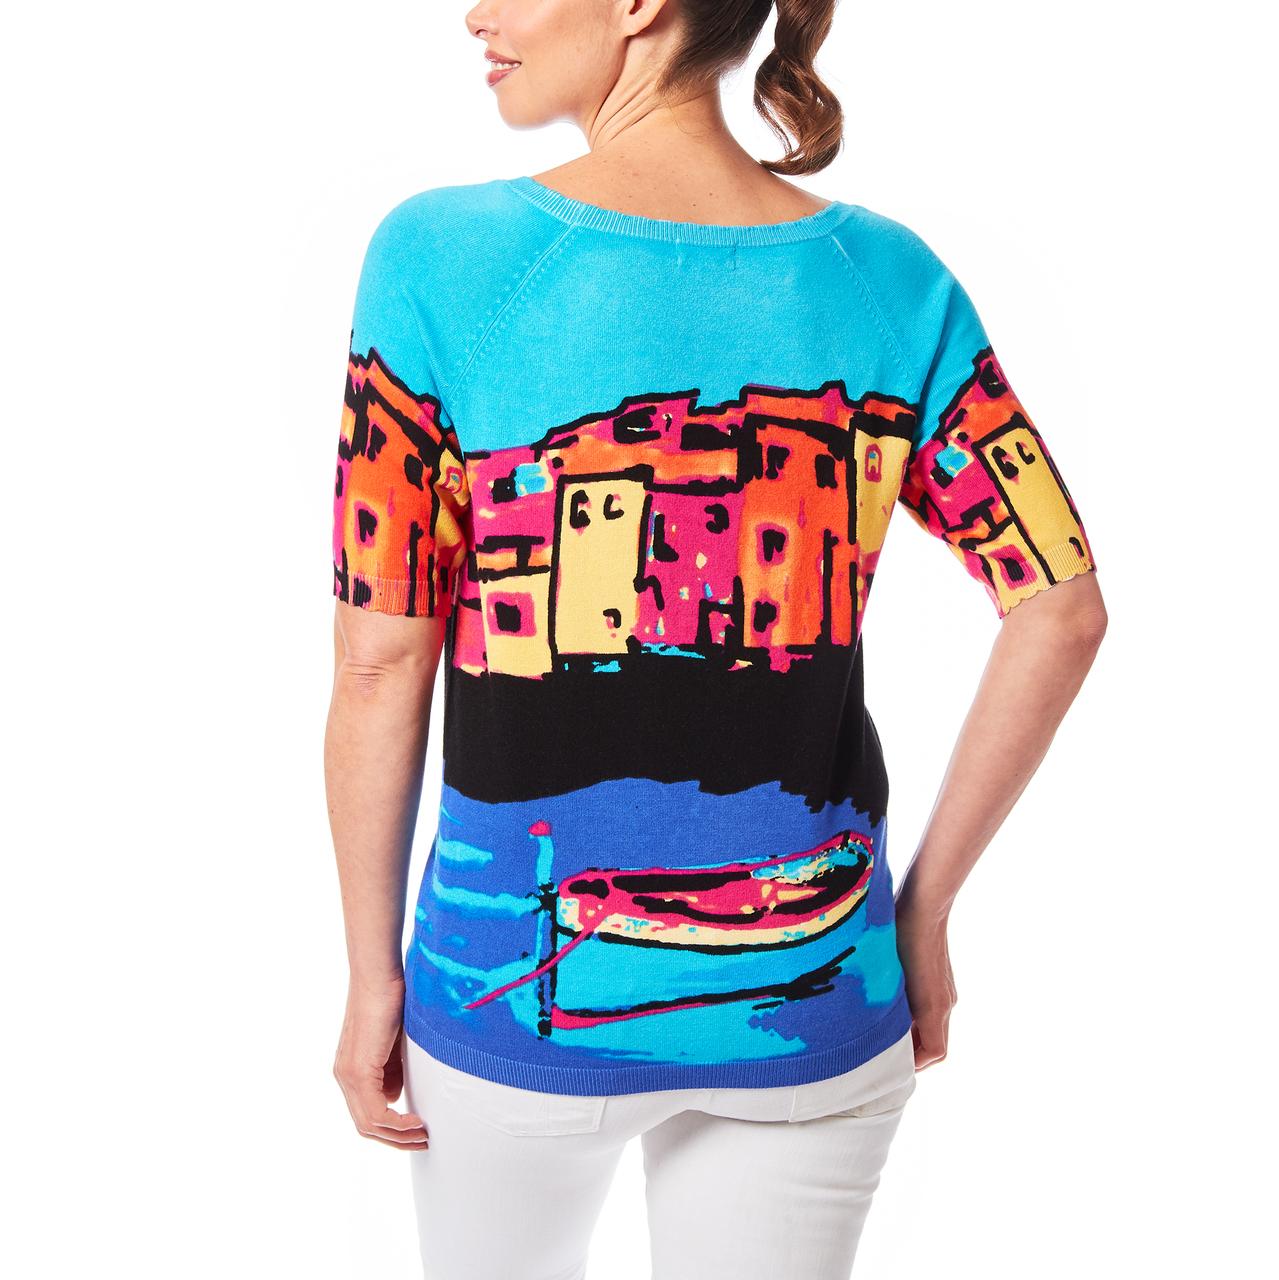 Scallop Trim Sweater In Scenic Print